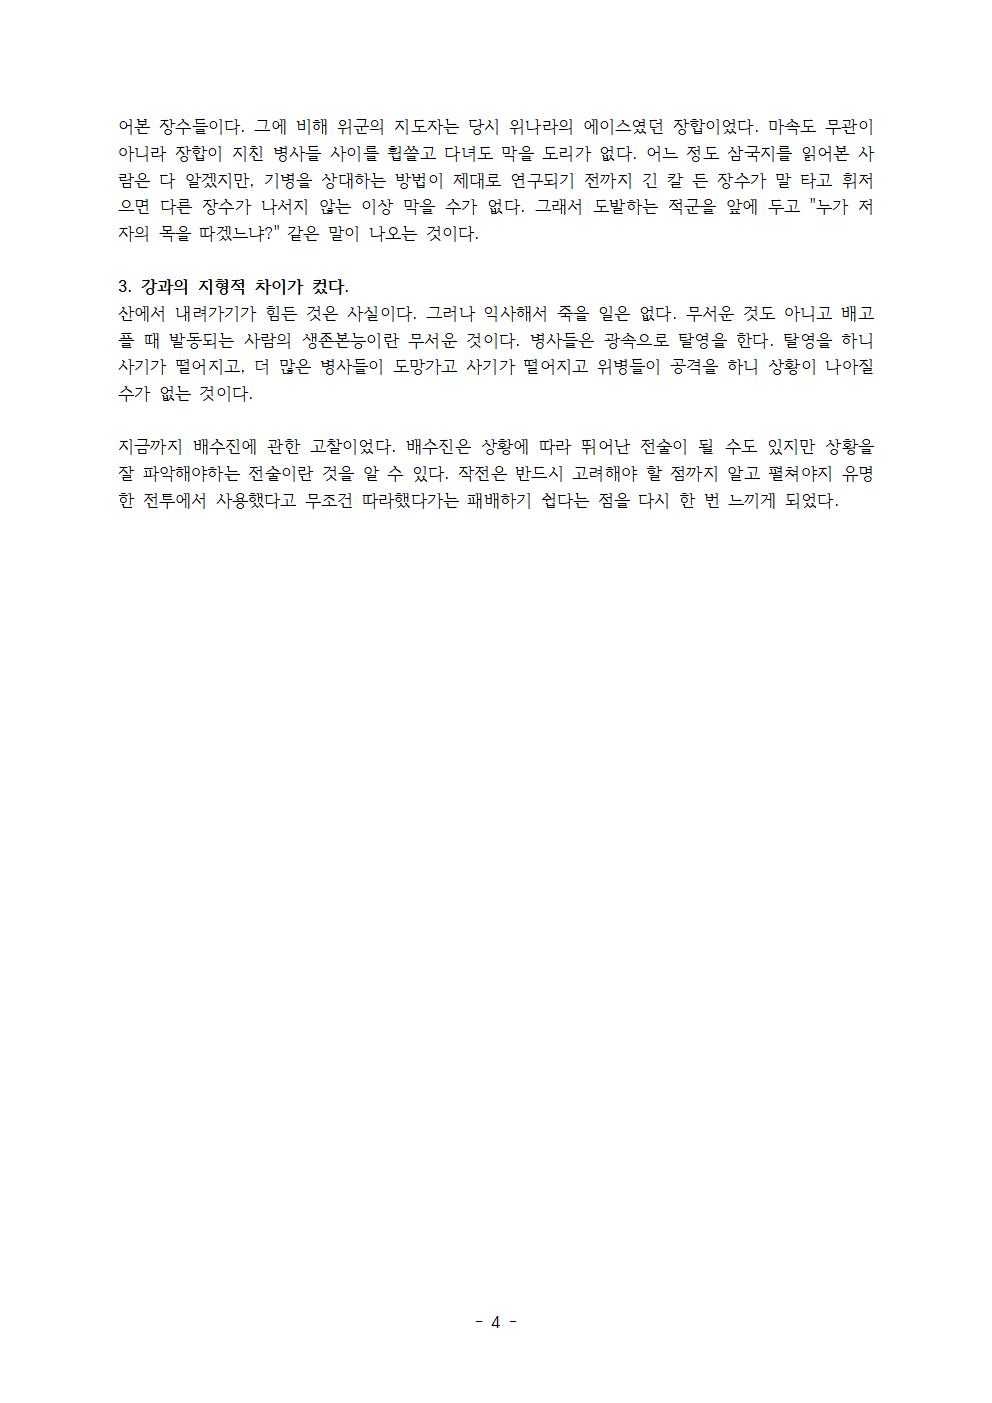 ※ 배수진(최원준) 수정004.png